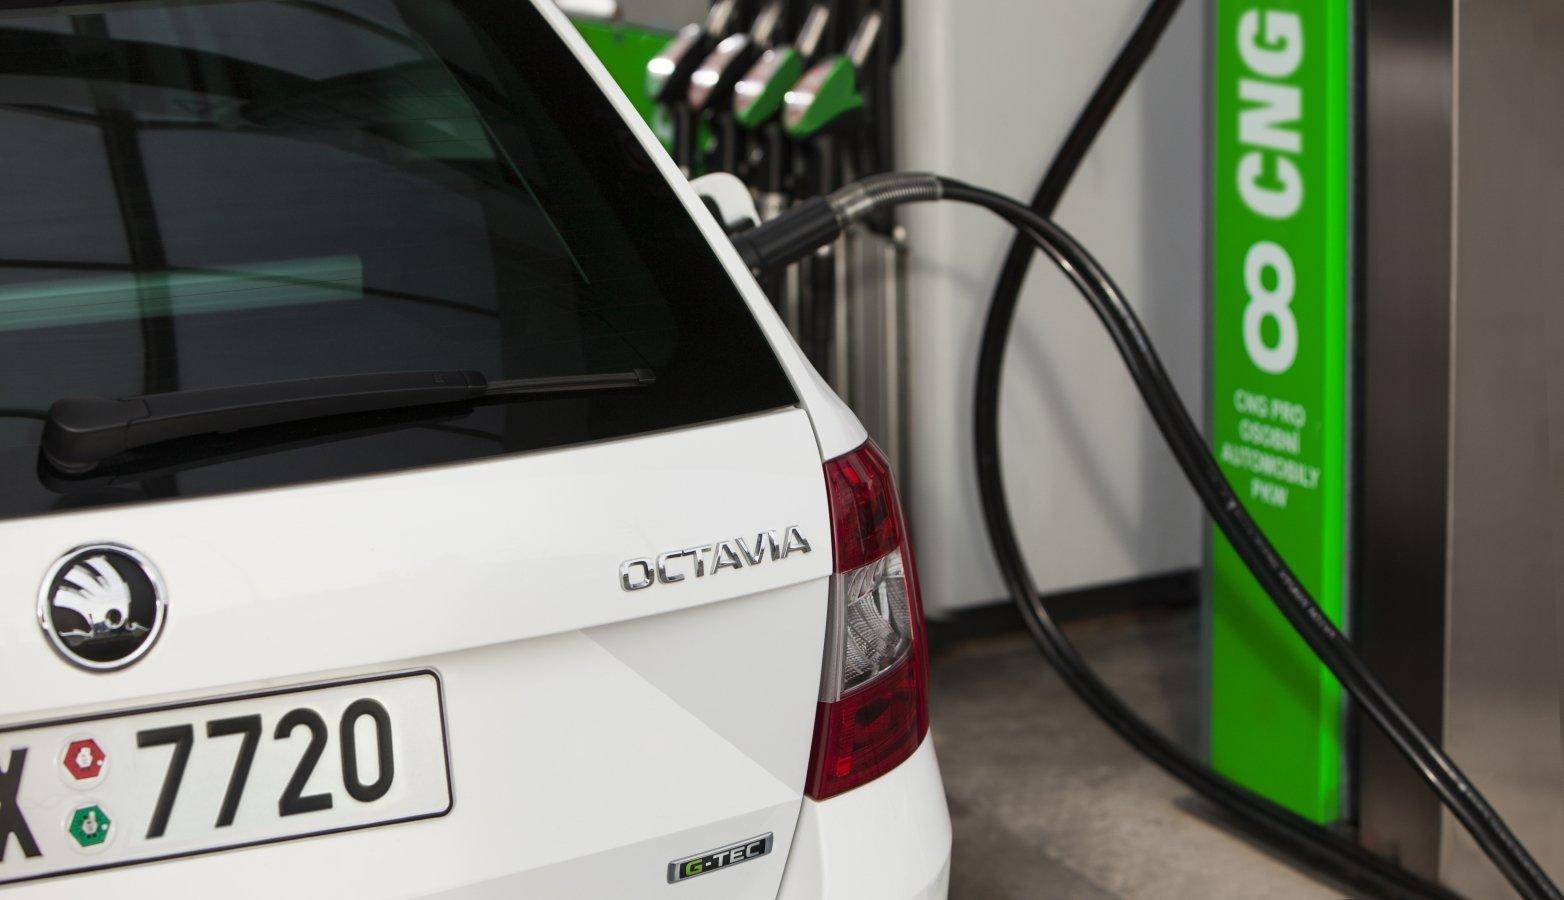 Stát začne dotovat ekologická auta, mezi nimi i ta na CNG.